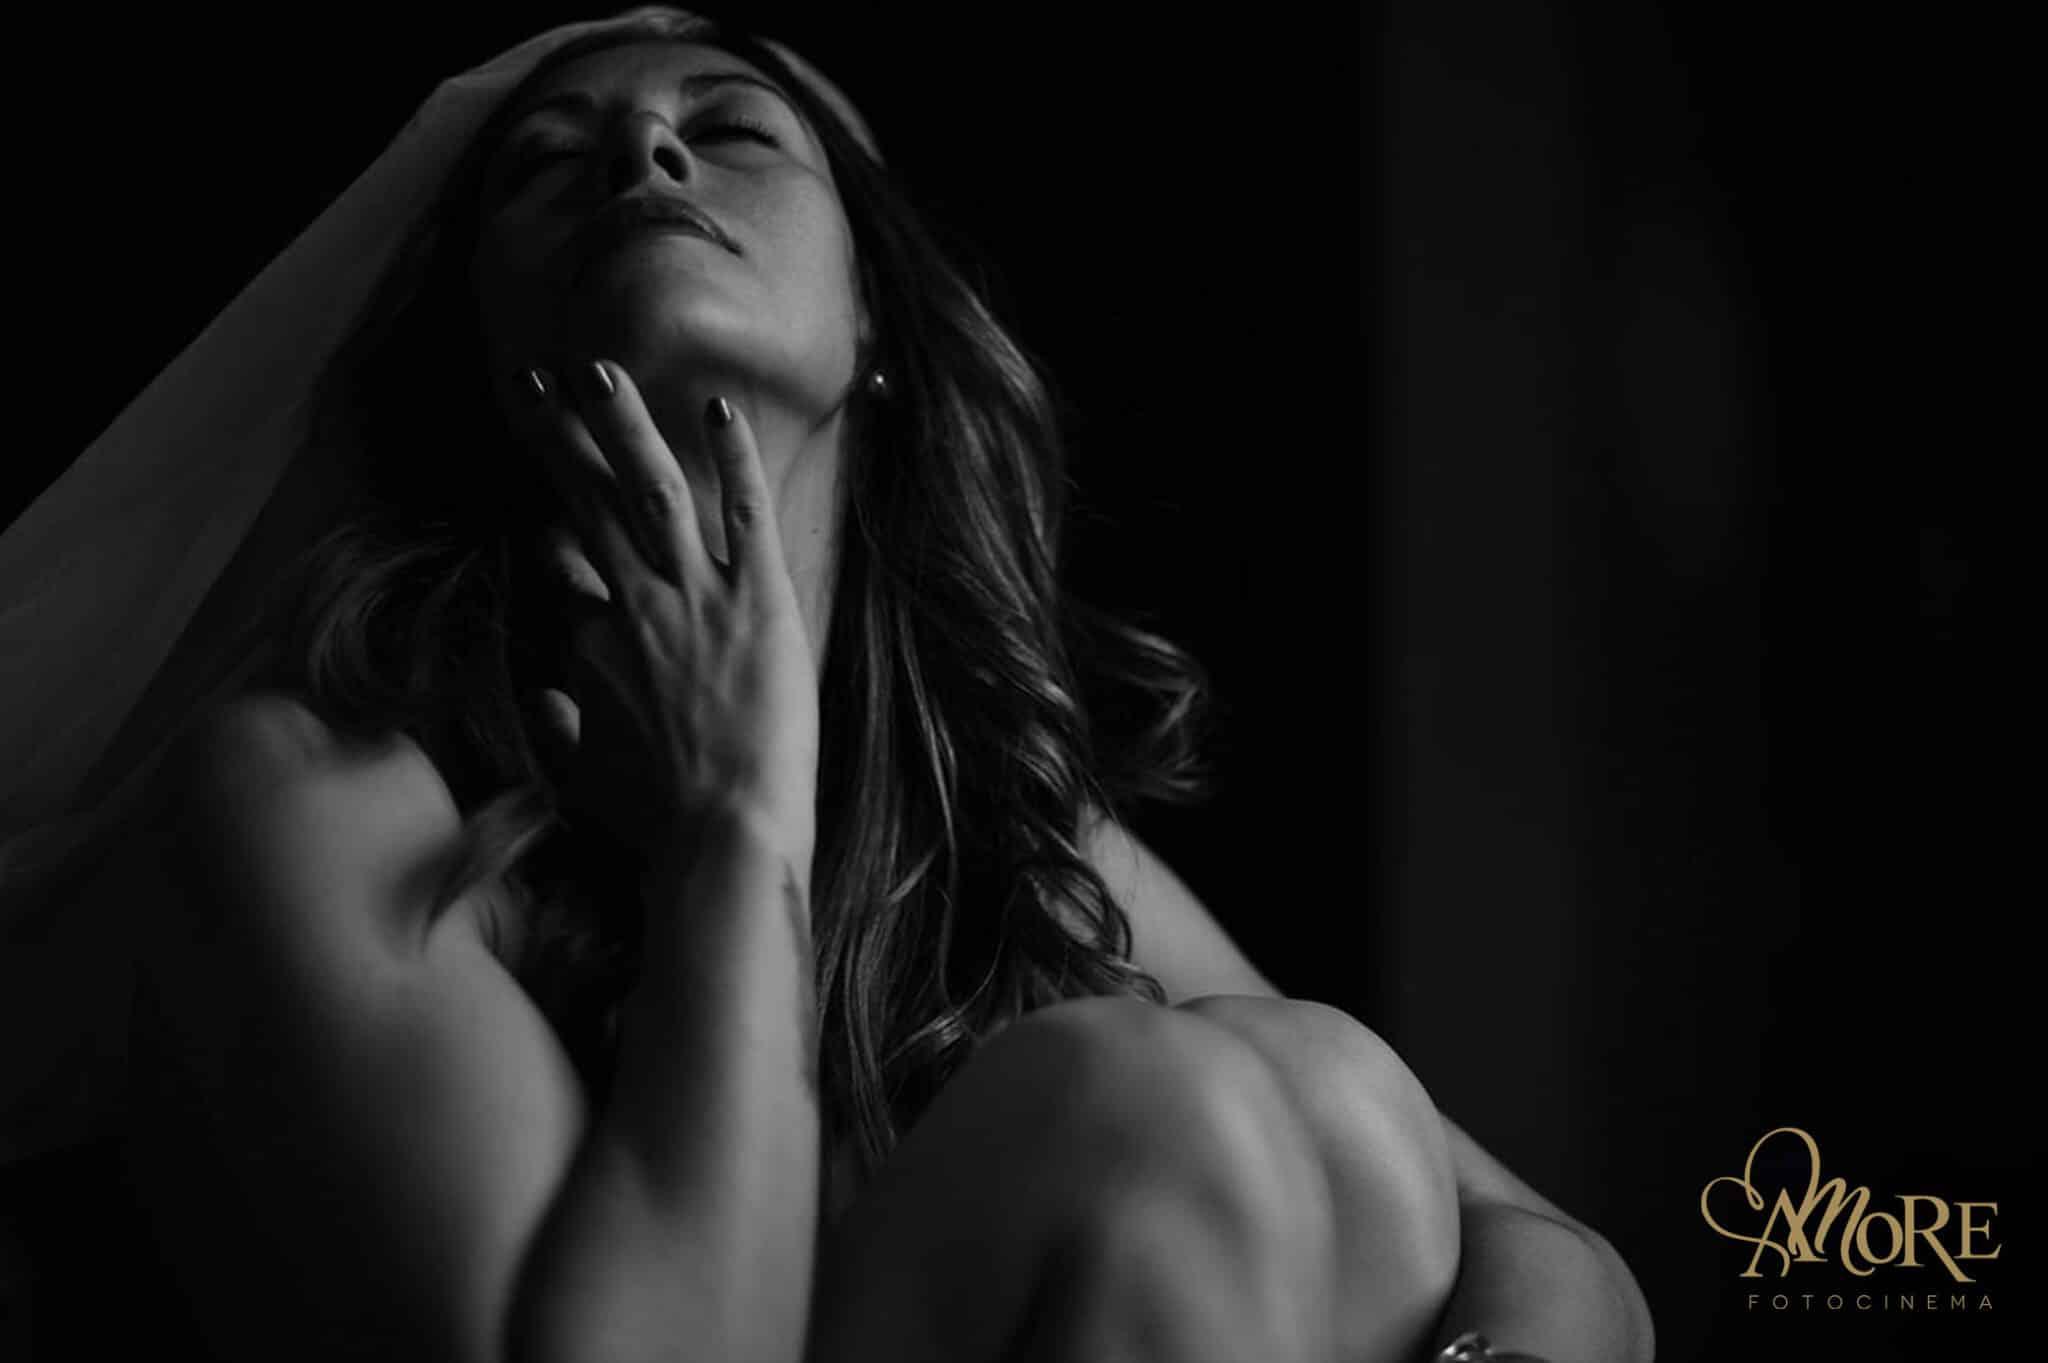 Fotos sexys en lenceria en Mexico